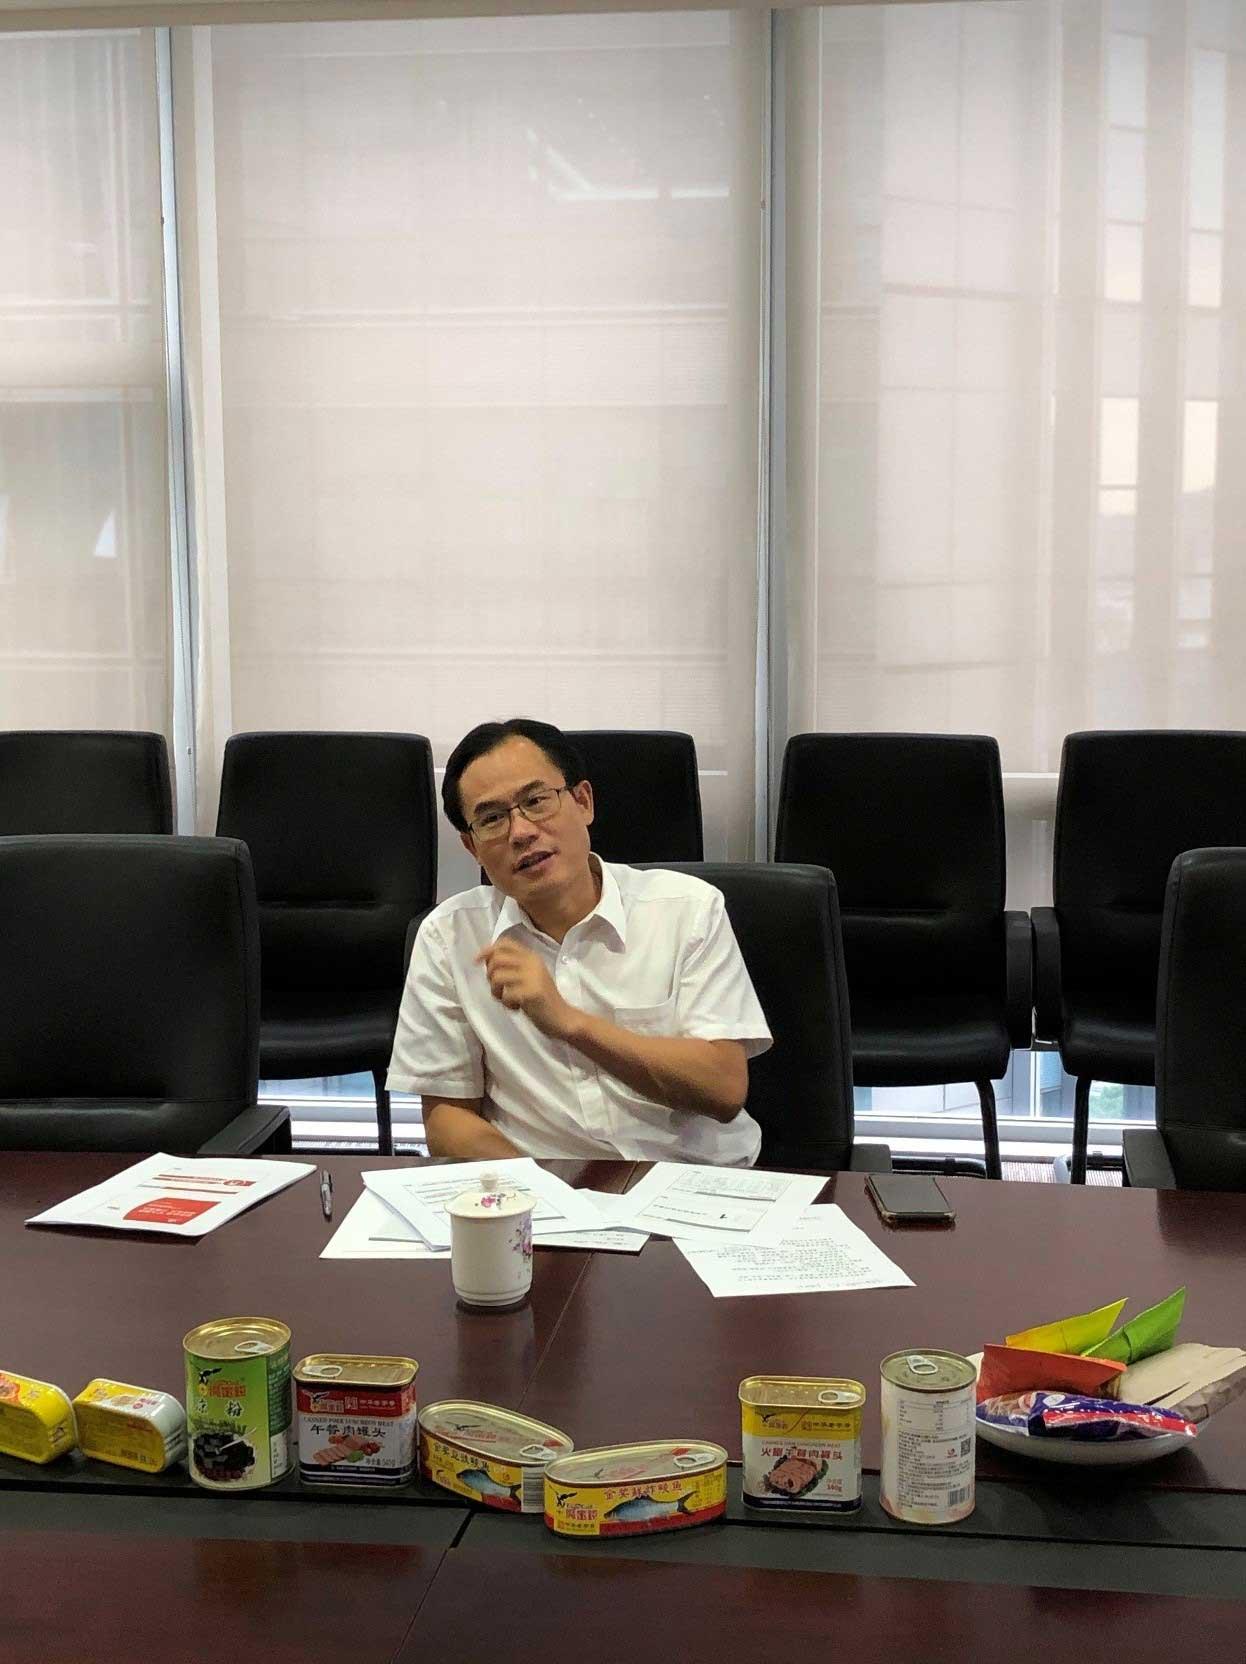 广州轻工集团副总经理陈杰辉到鹰金钱公司调研